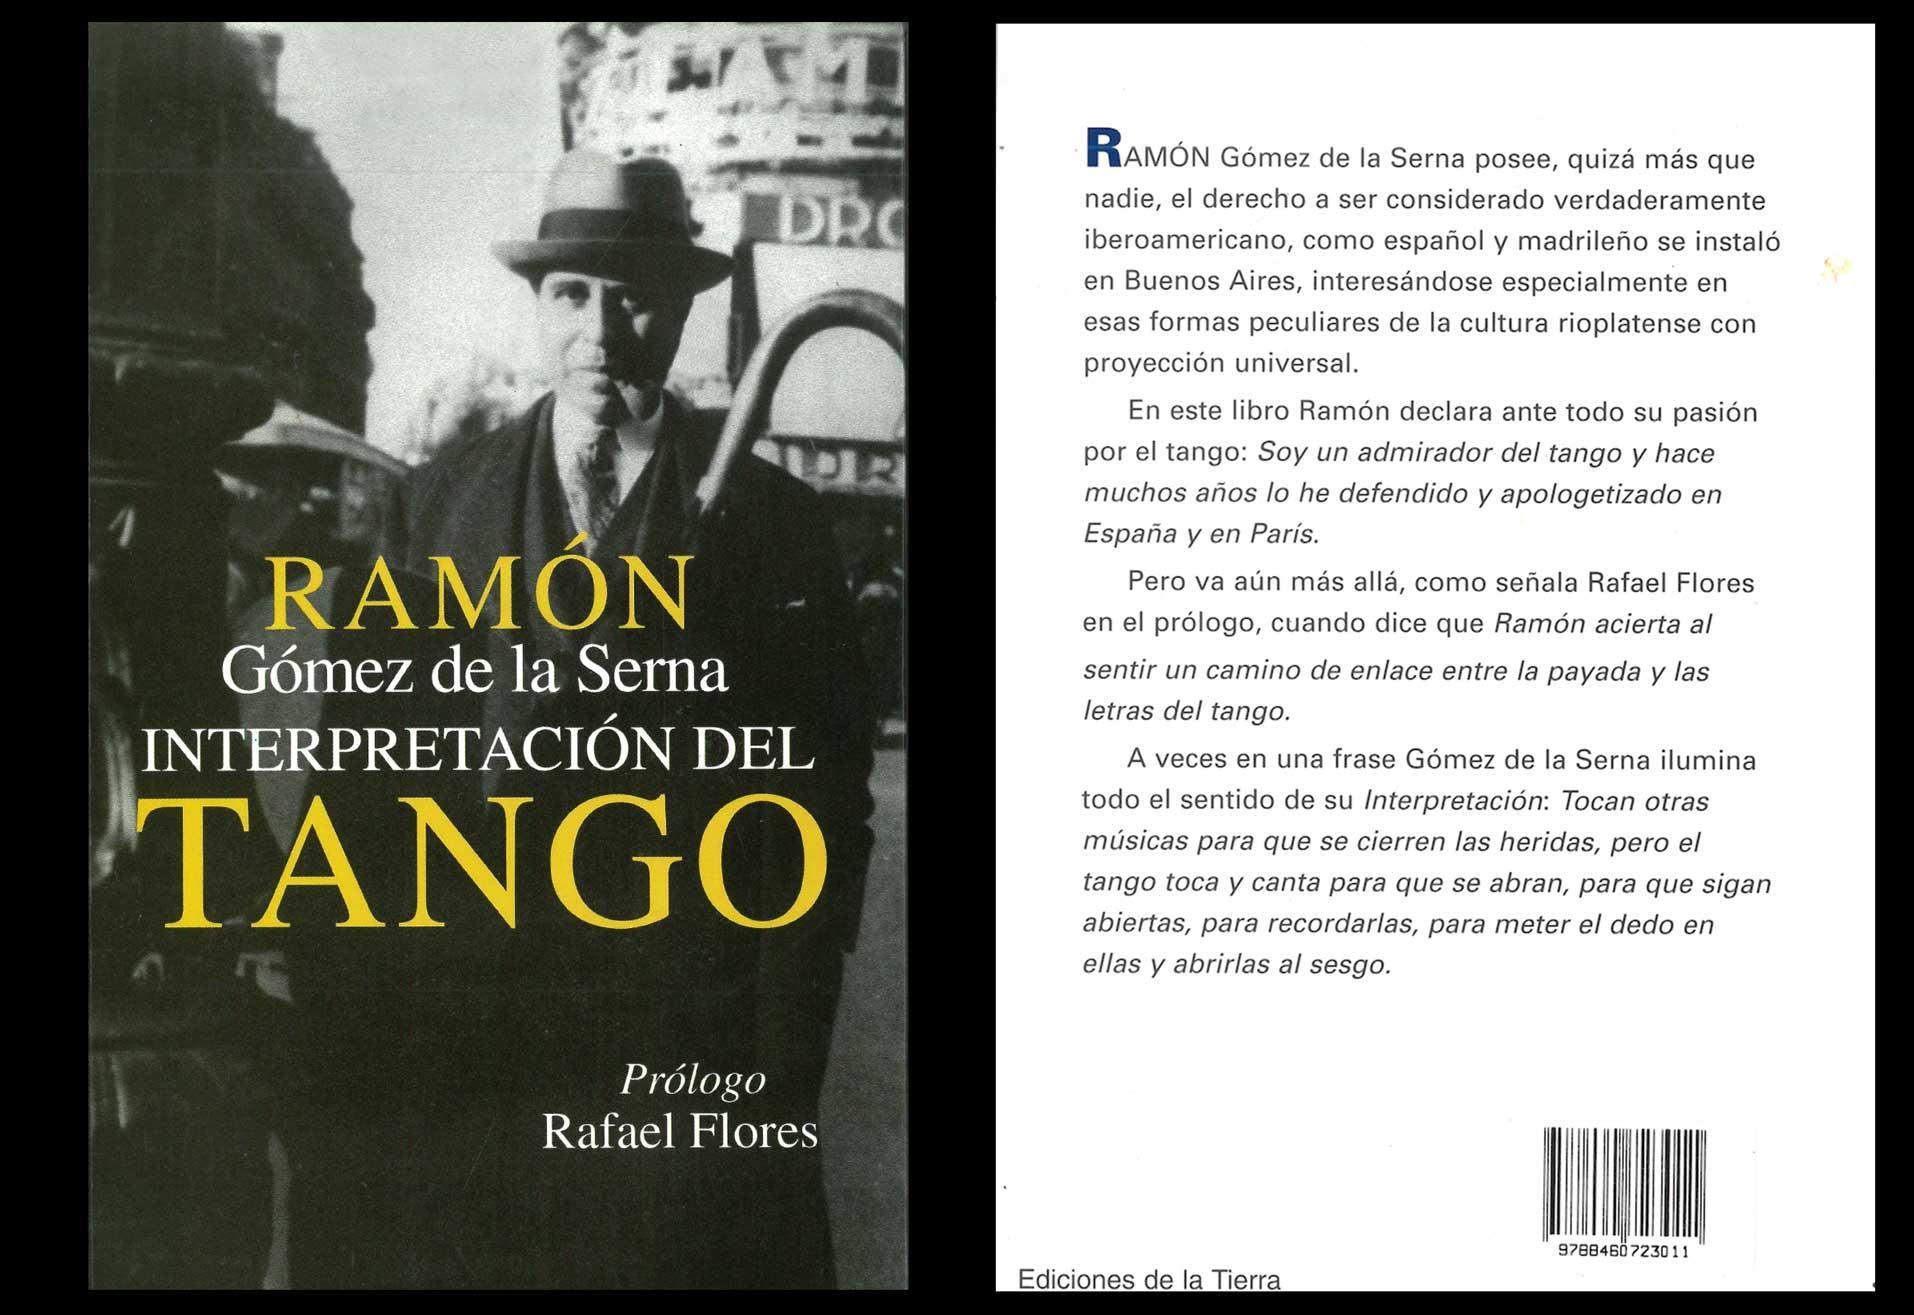 07_Ramon-Gomez-de-laSerna-Tango